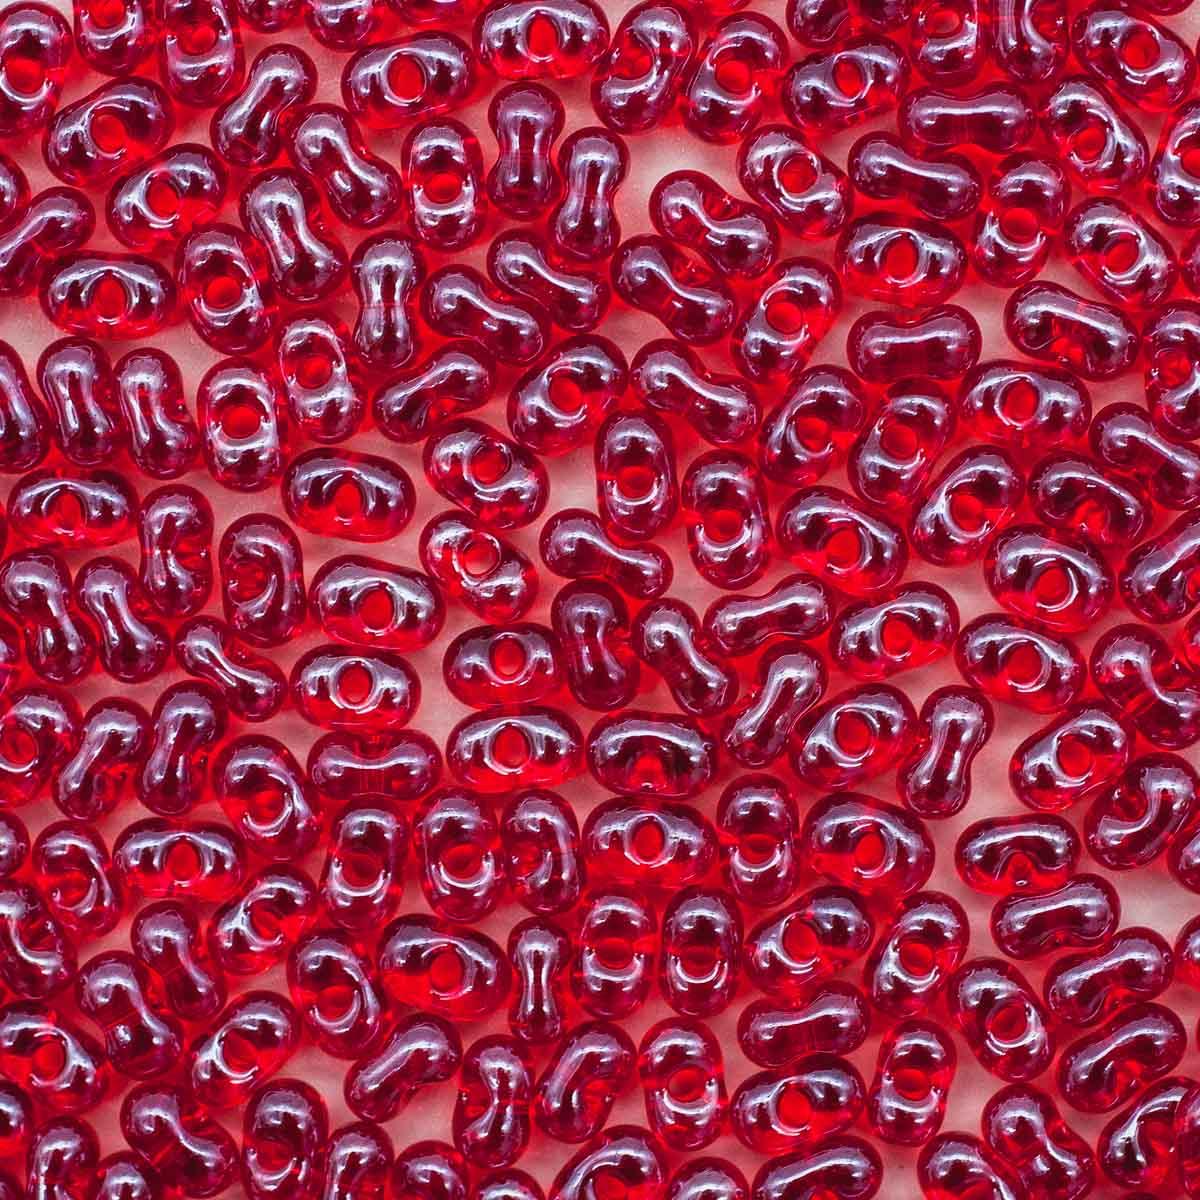 Бисер Farfalle 3,2/6,5мм (96070) прозрачный с покрытием, 50гр Preciosa